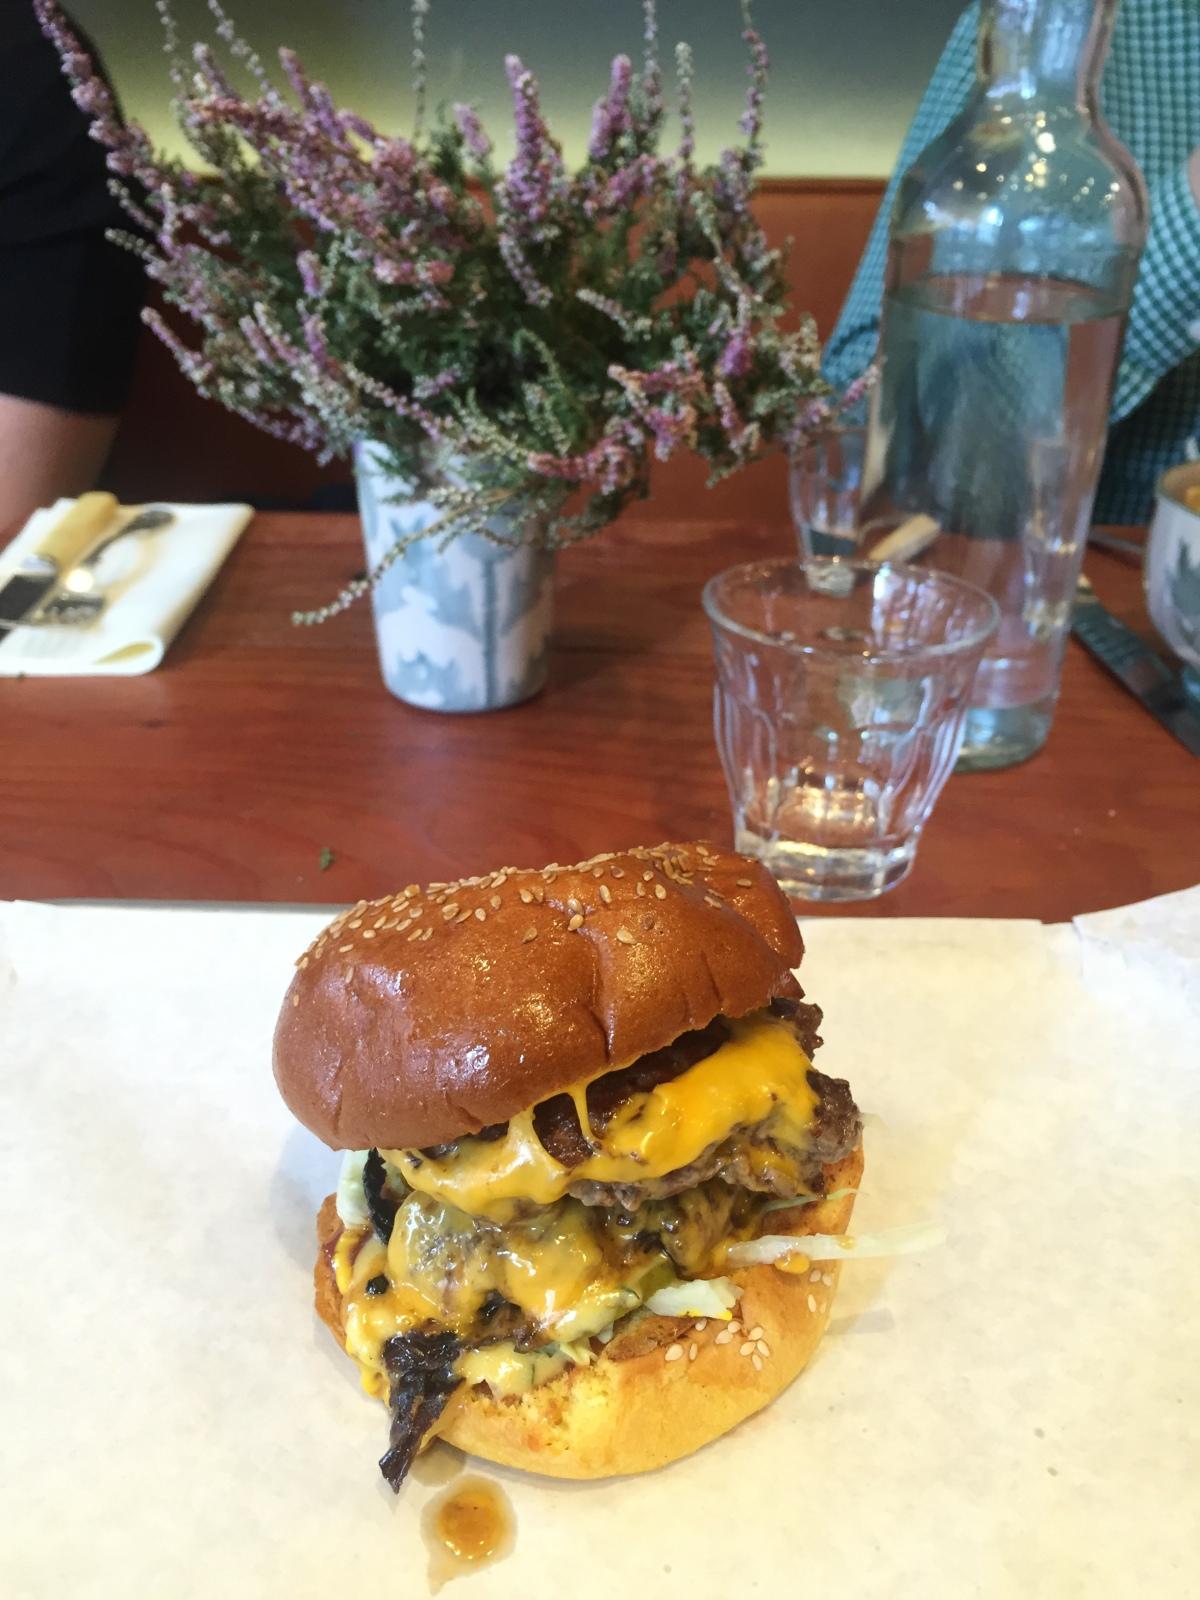 Veni-Moo burger